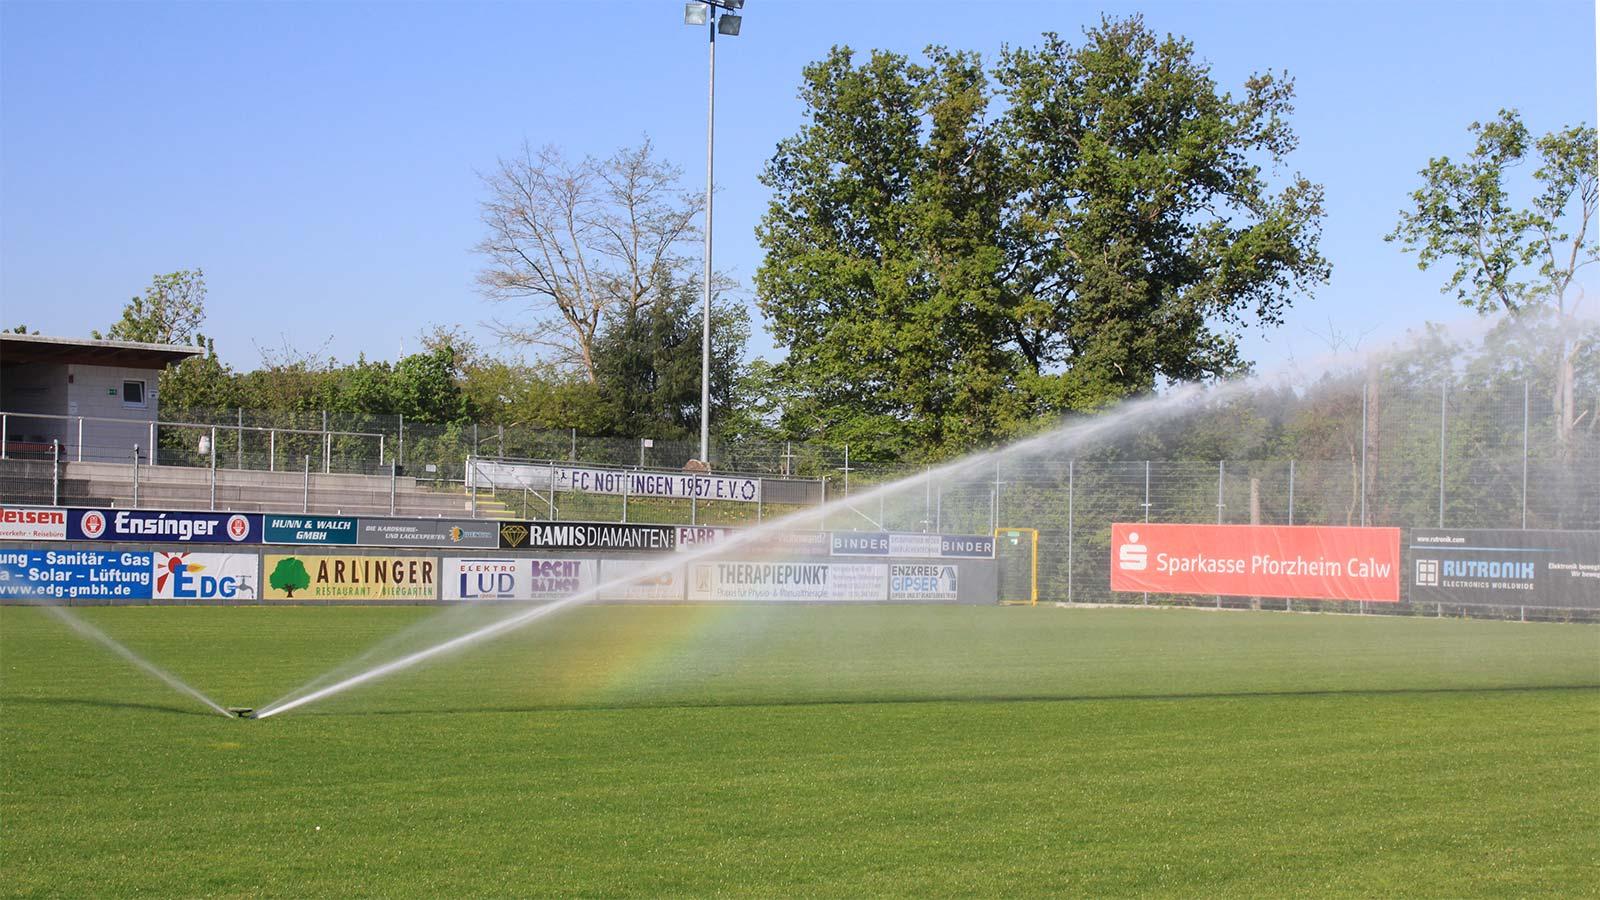 Bewässerung Rasenplatz - FC Nöttingen